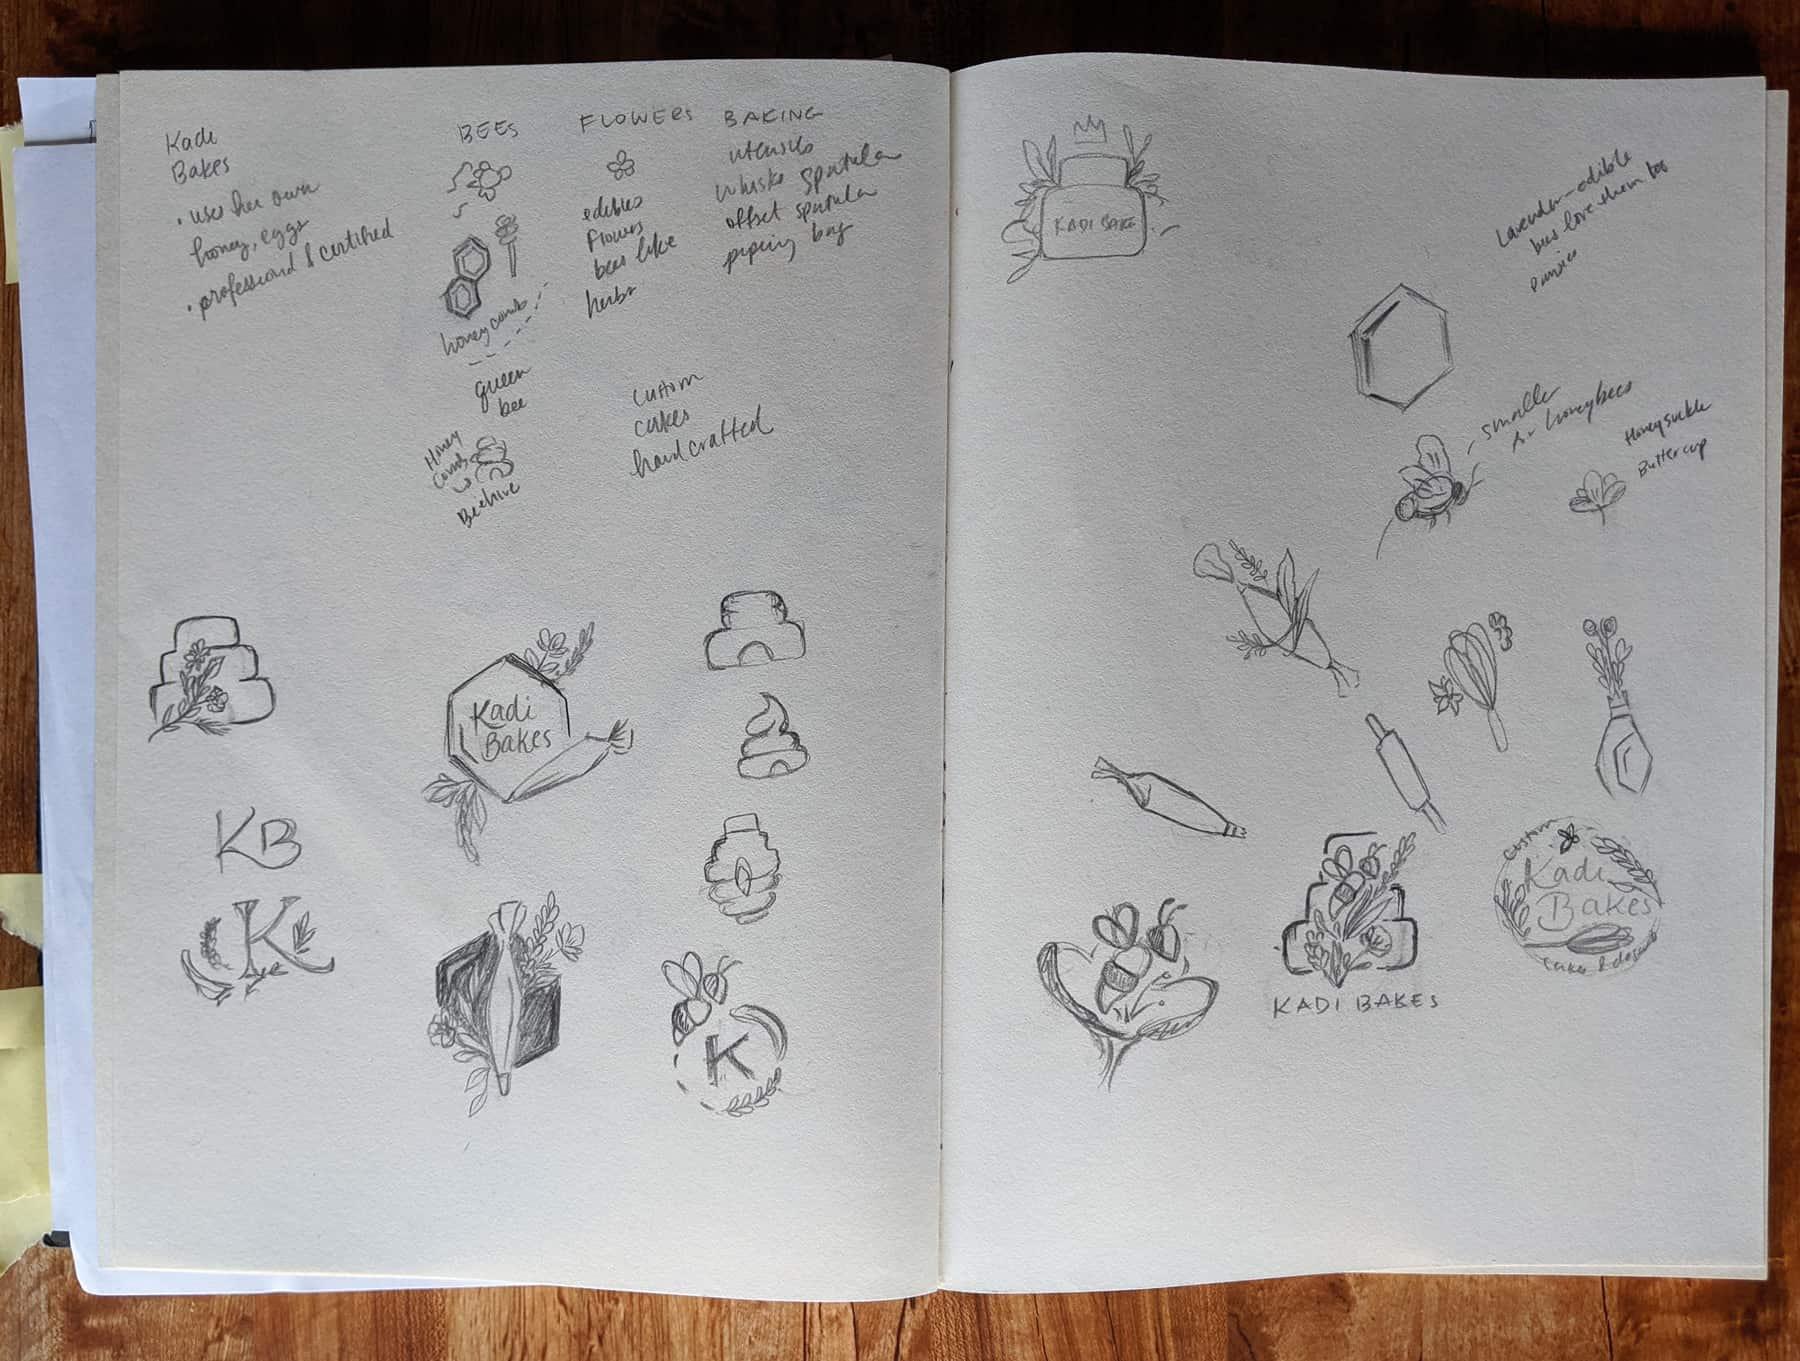 Kadi Bakes Sketches